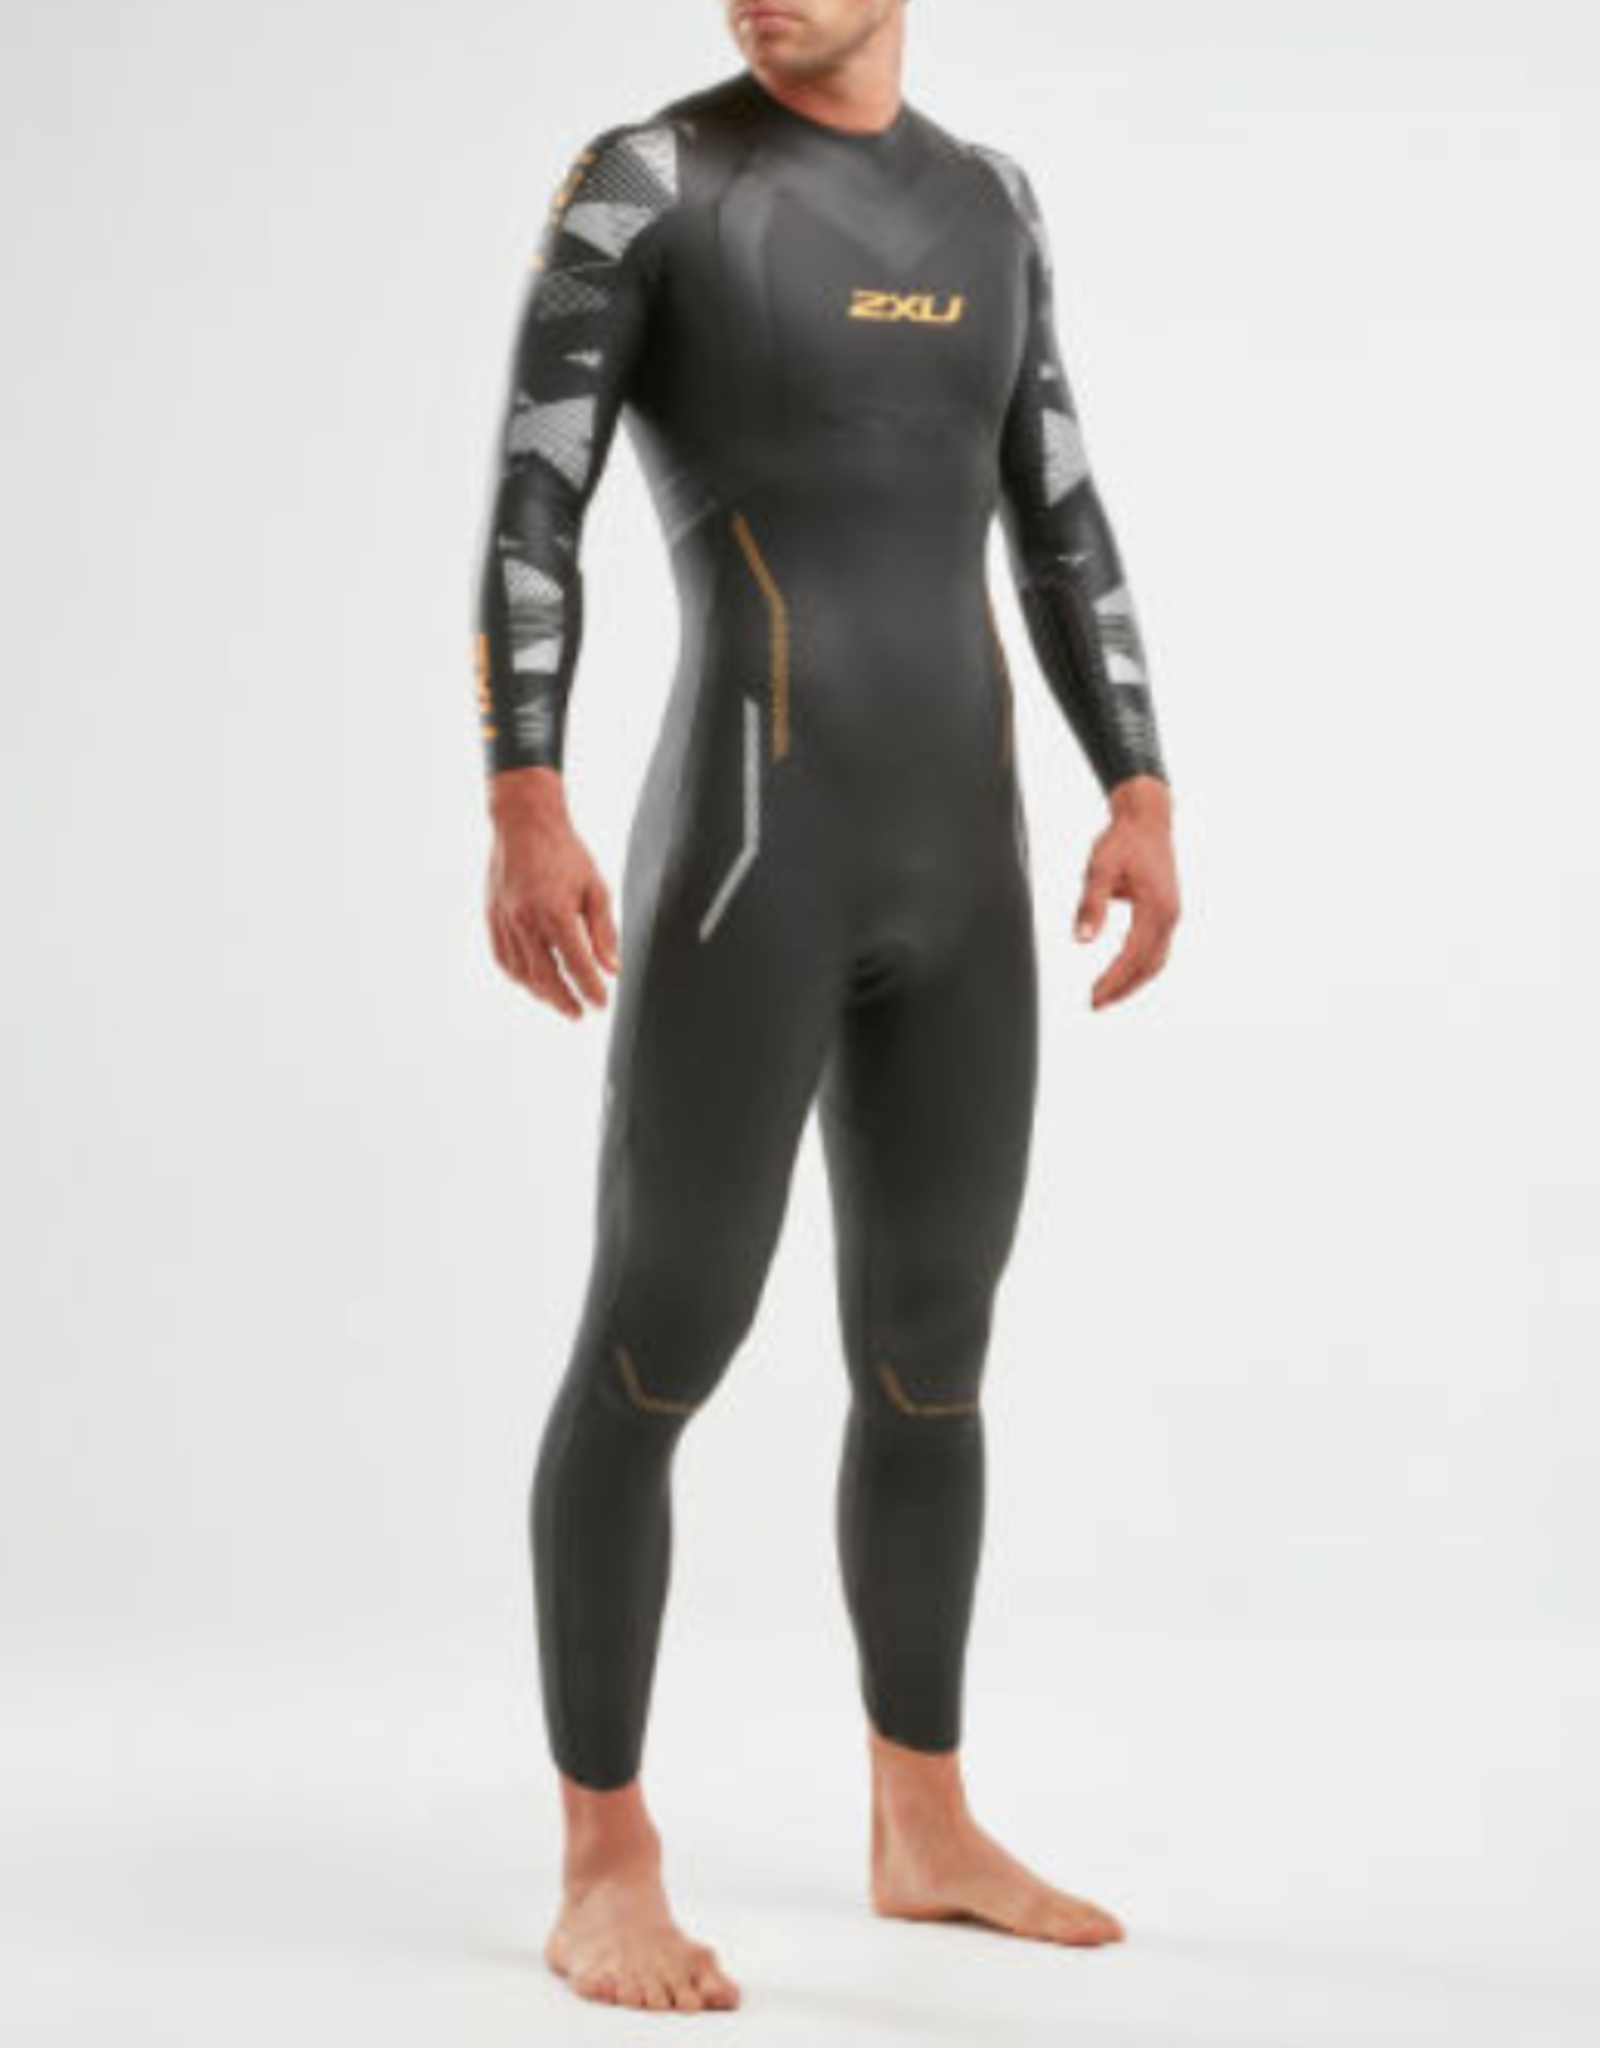 2xu P 2 Propel wetsuit heren